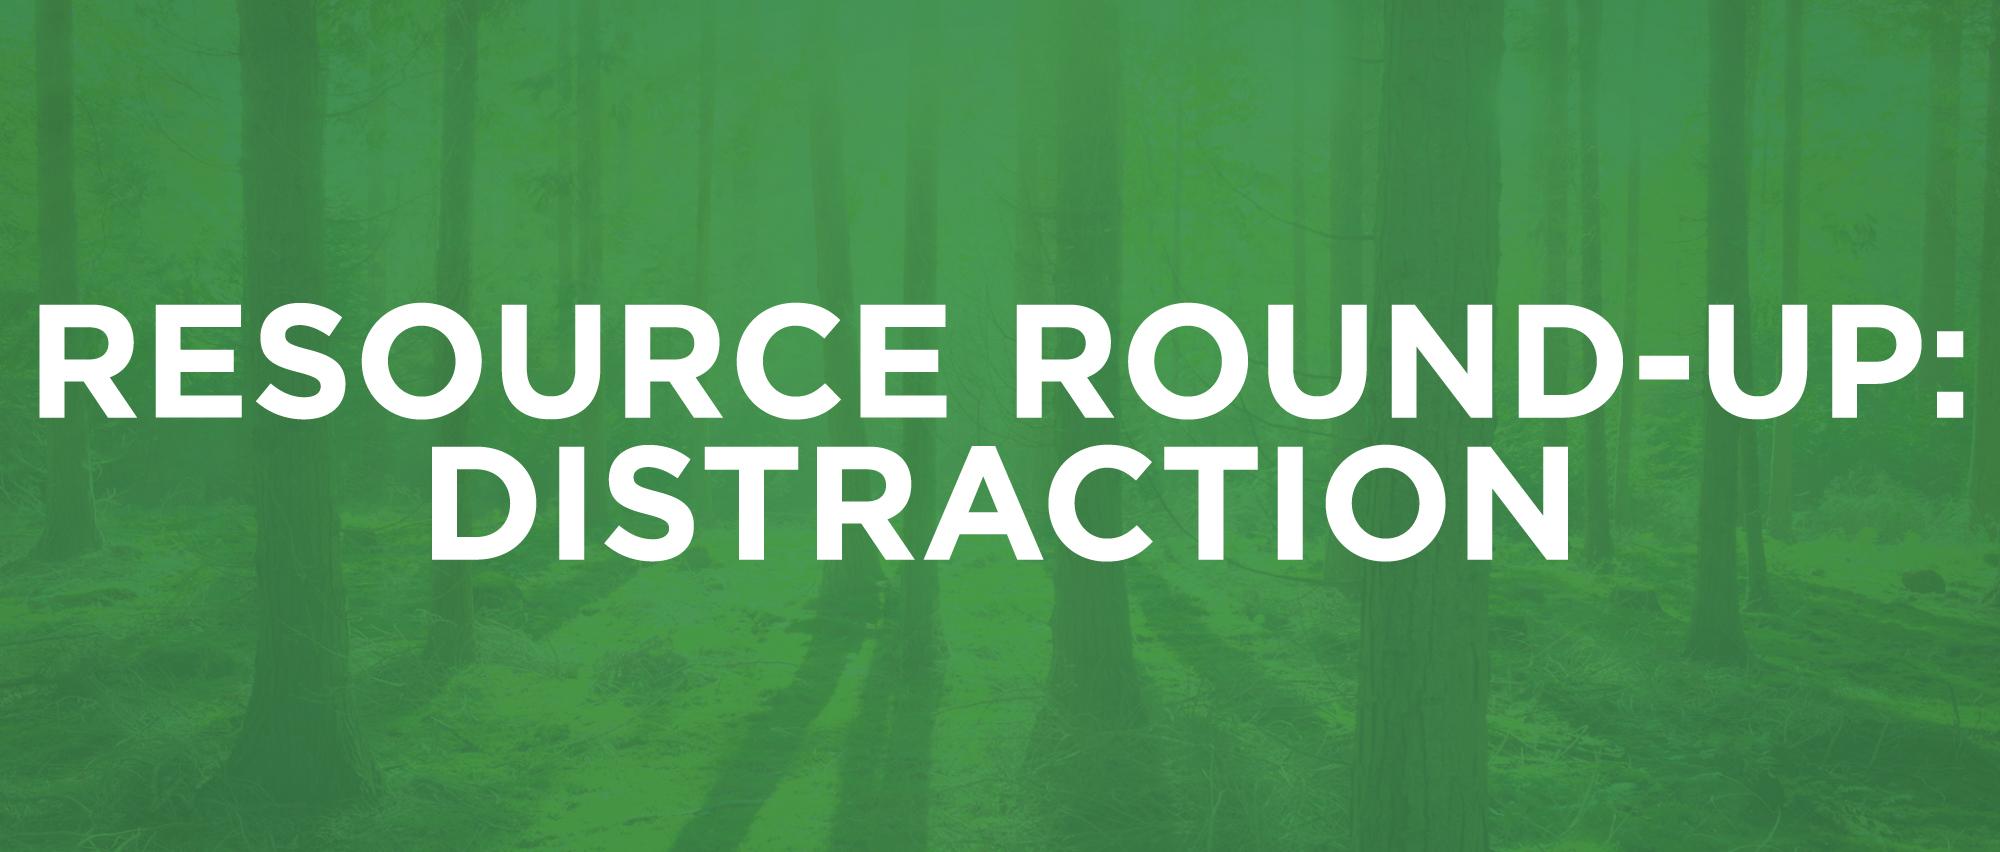 ResourceRoundup-2-Distraction.jpg